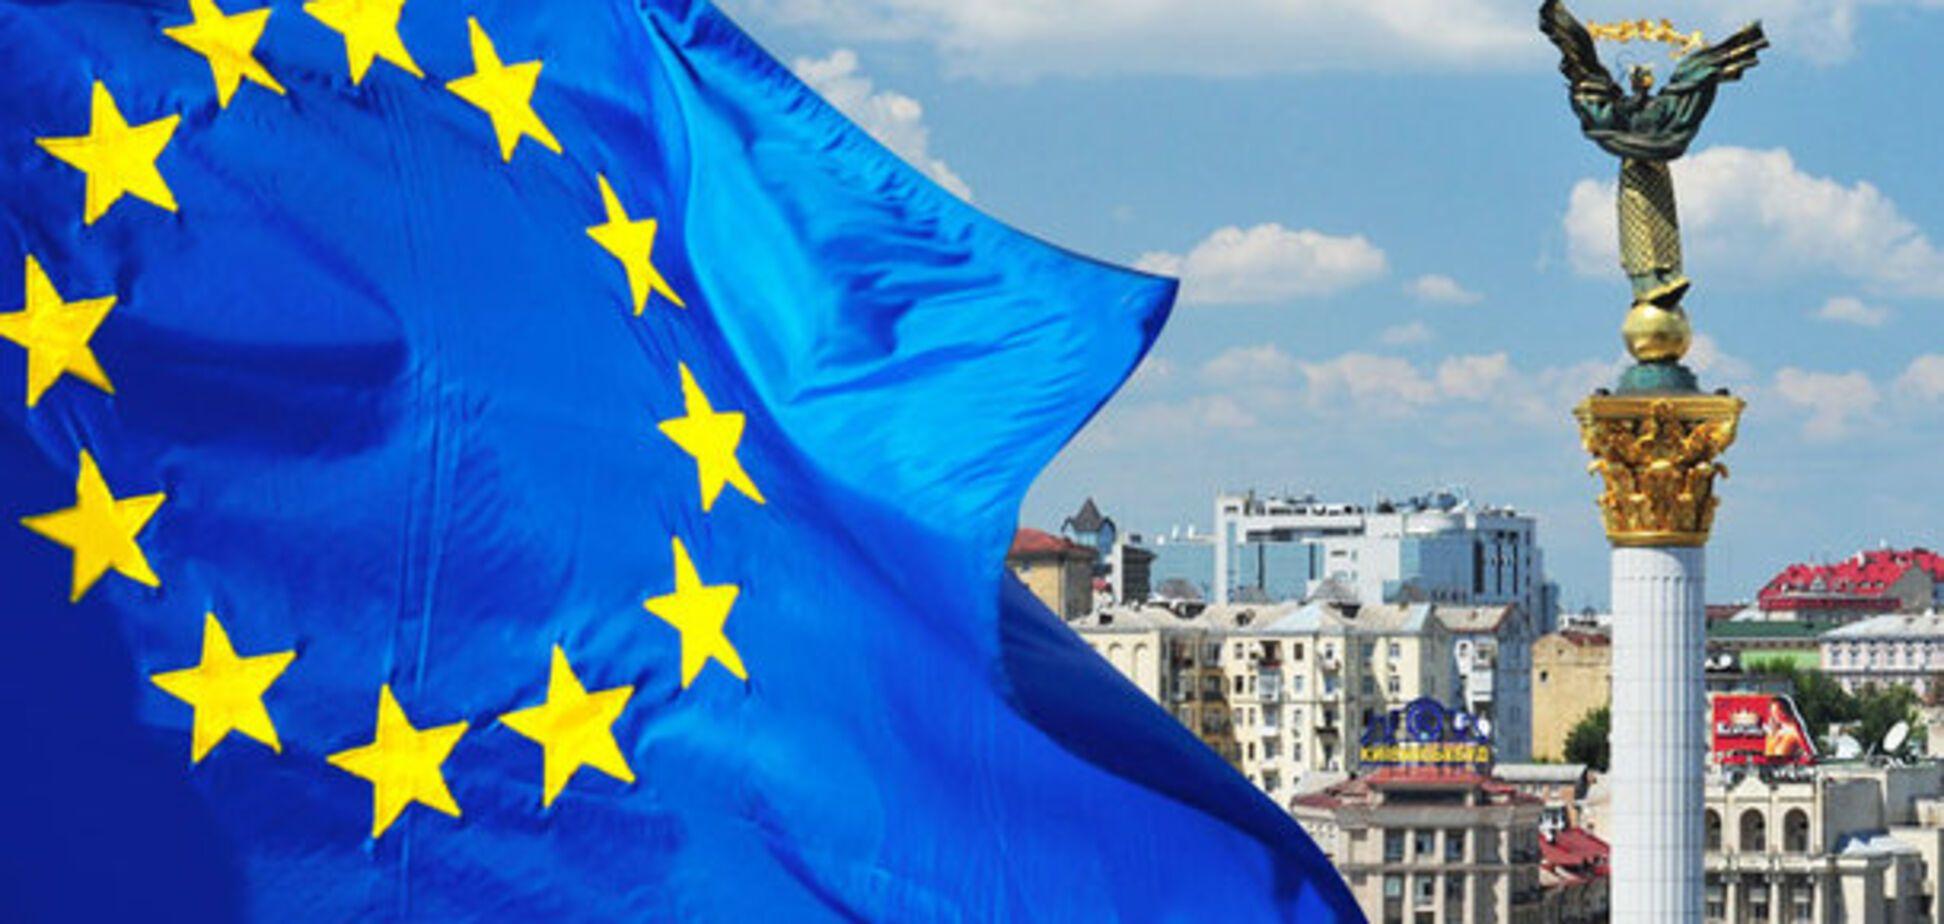 'Ядерное оружие' против Украины: международник рассказал об угрозе со стороны ЕС